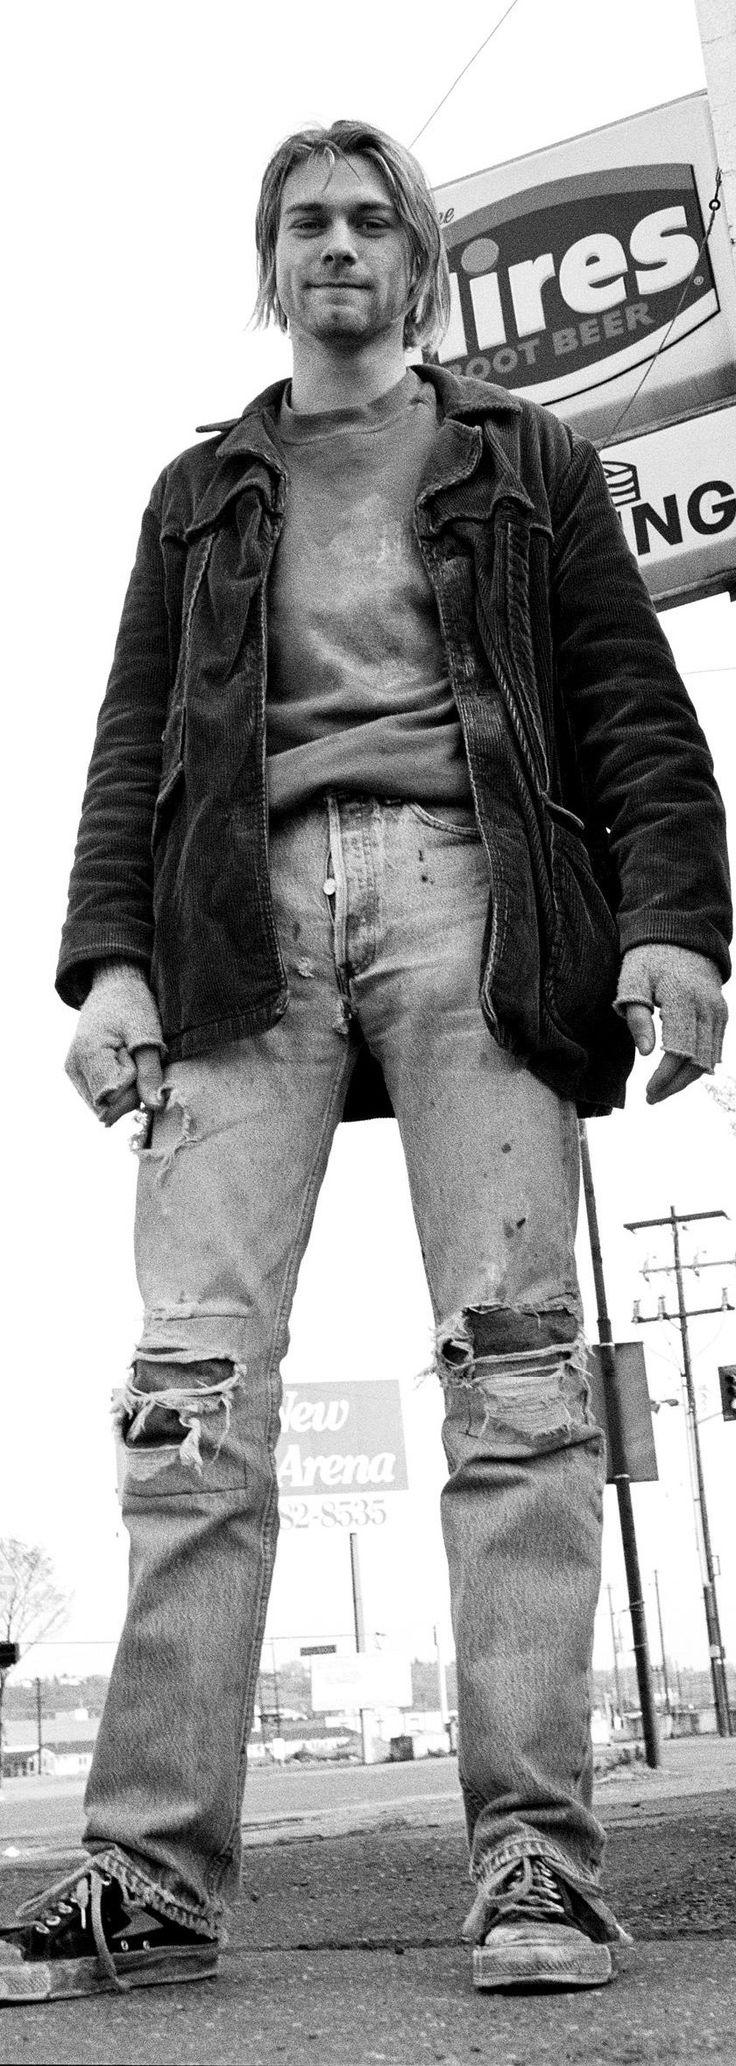 Kurt Cobain http://kurtrockstory.tumblr.com/post/75073046265